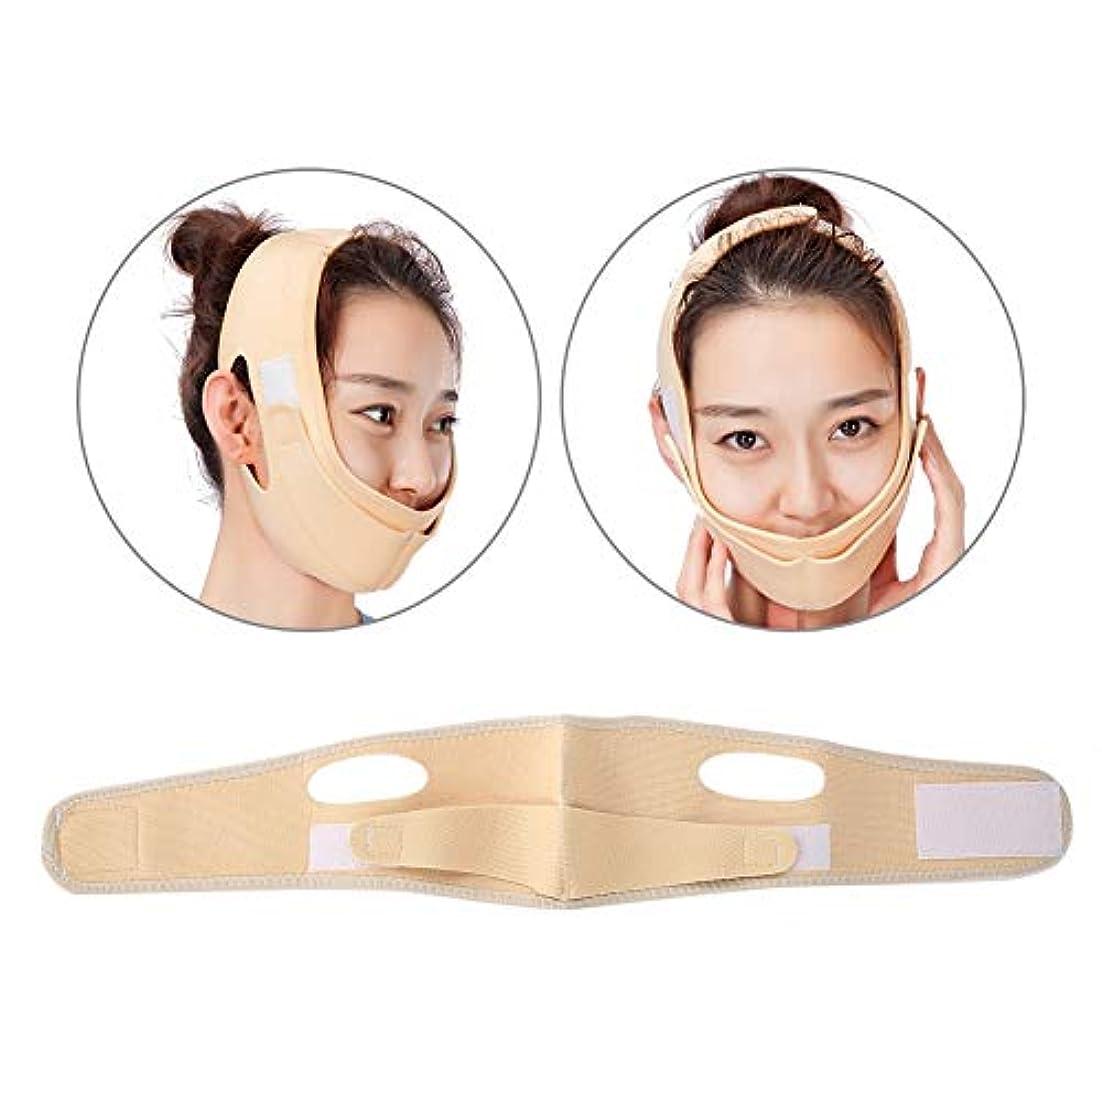 インタビュー罰する薬理学フェイスリフト用 フェイスマスク 顔輪郭を改善する 美容包帯 通気性/伸縮性/変形不可(01)